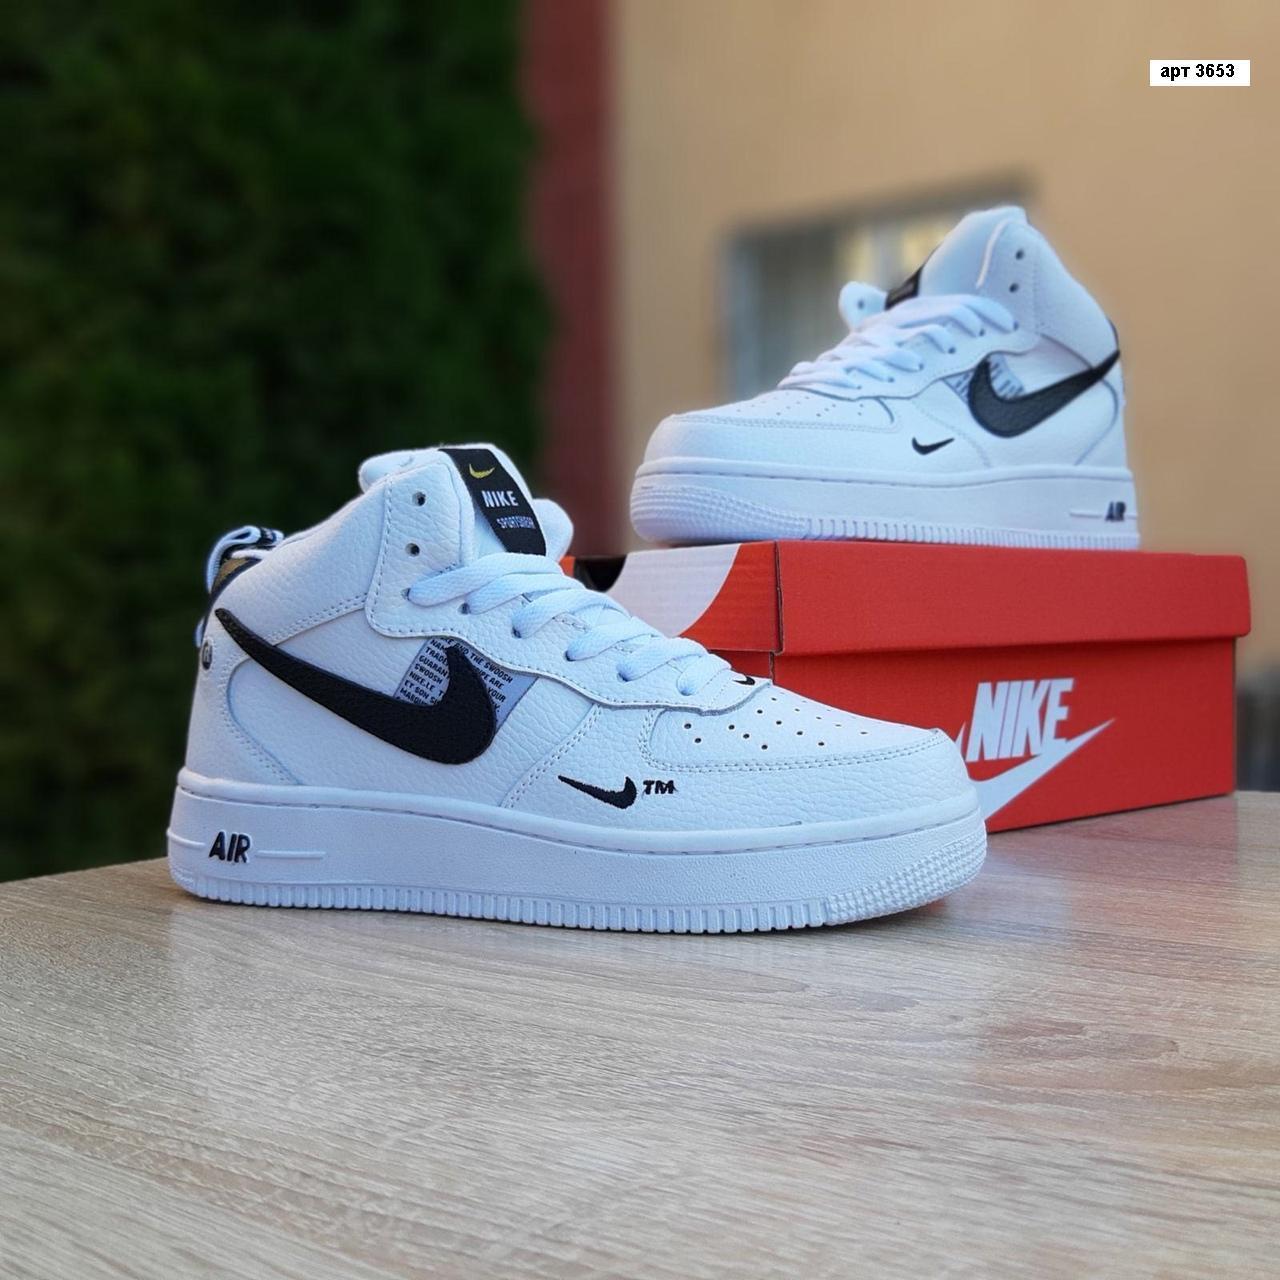 Женские зимние кроссовки Nike Air Force 1 Mid LV8 (бело-черные) 3653